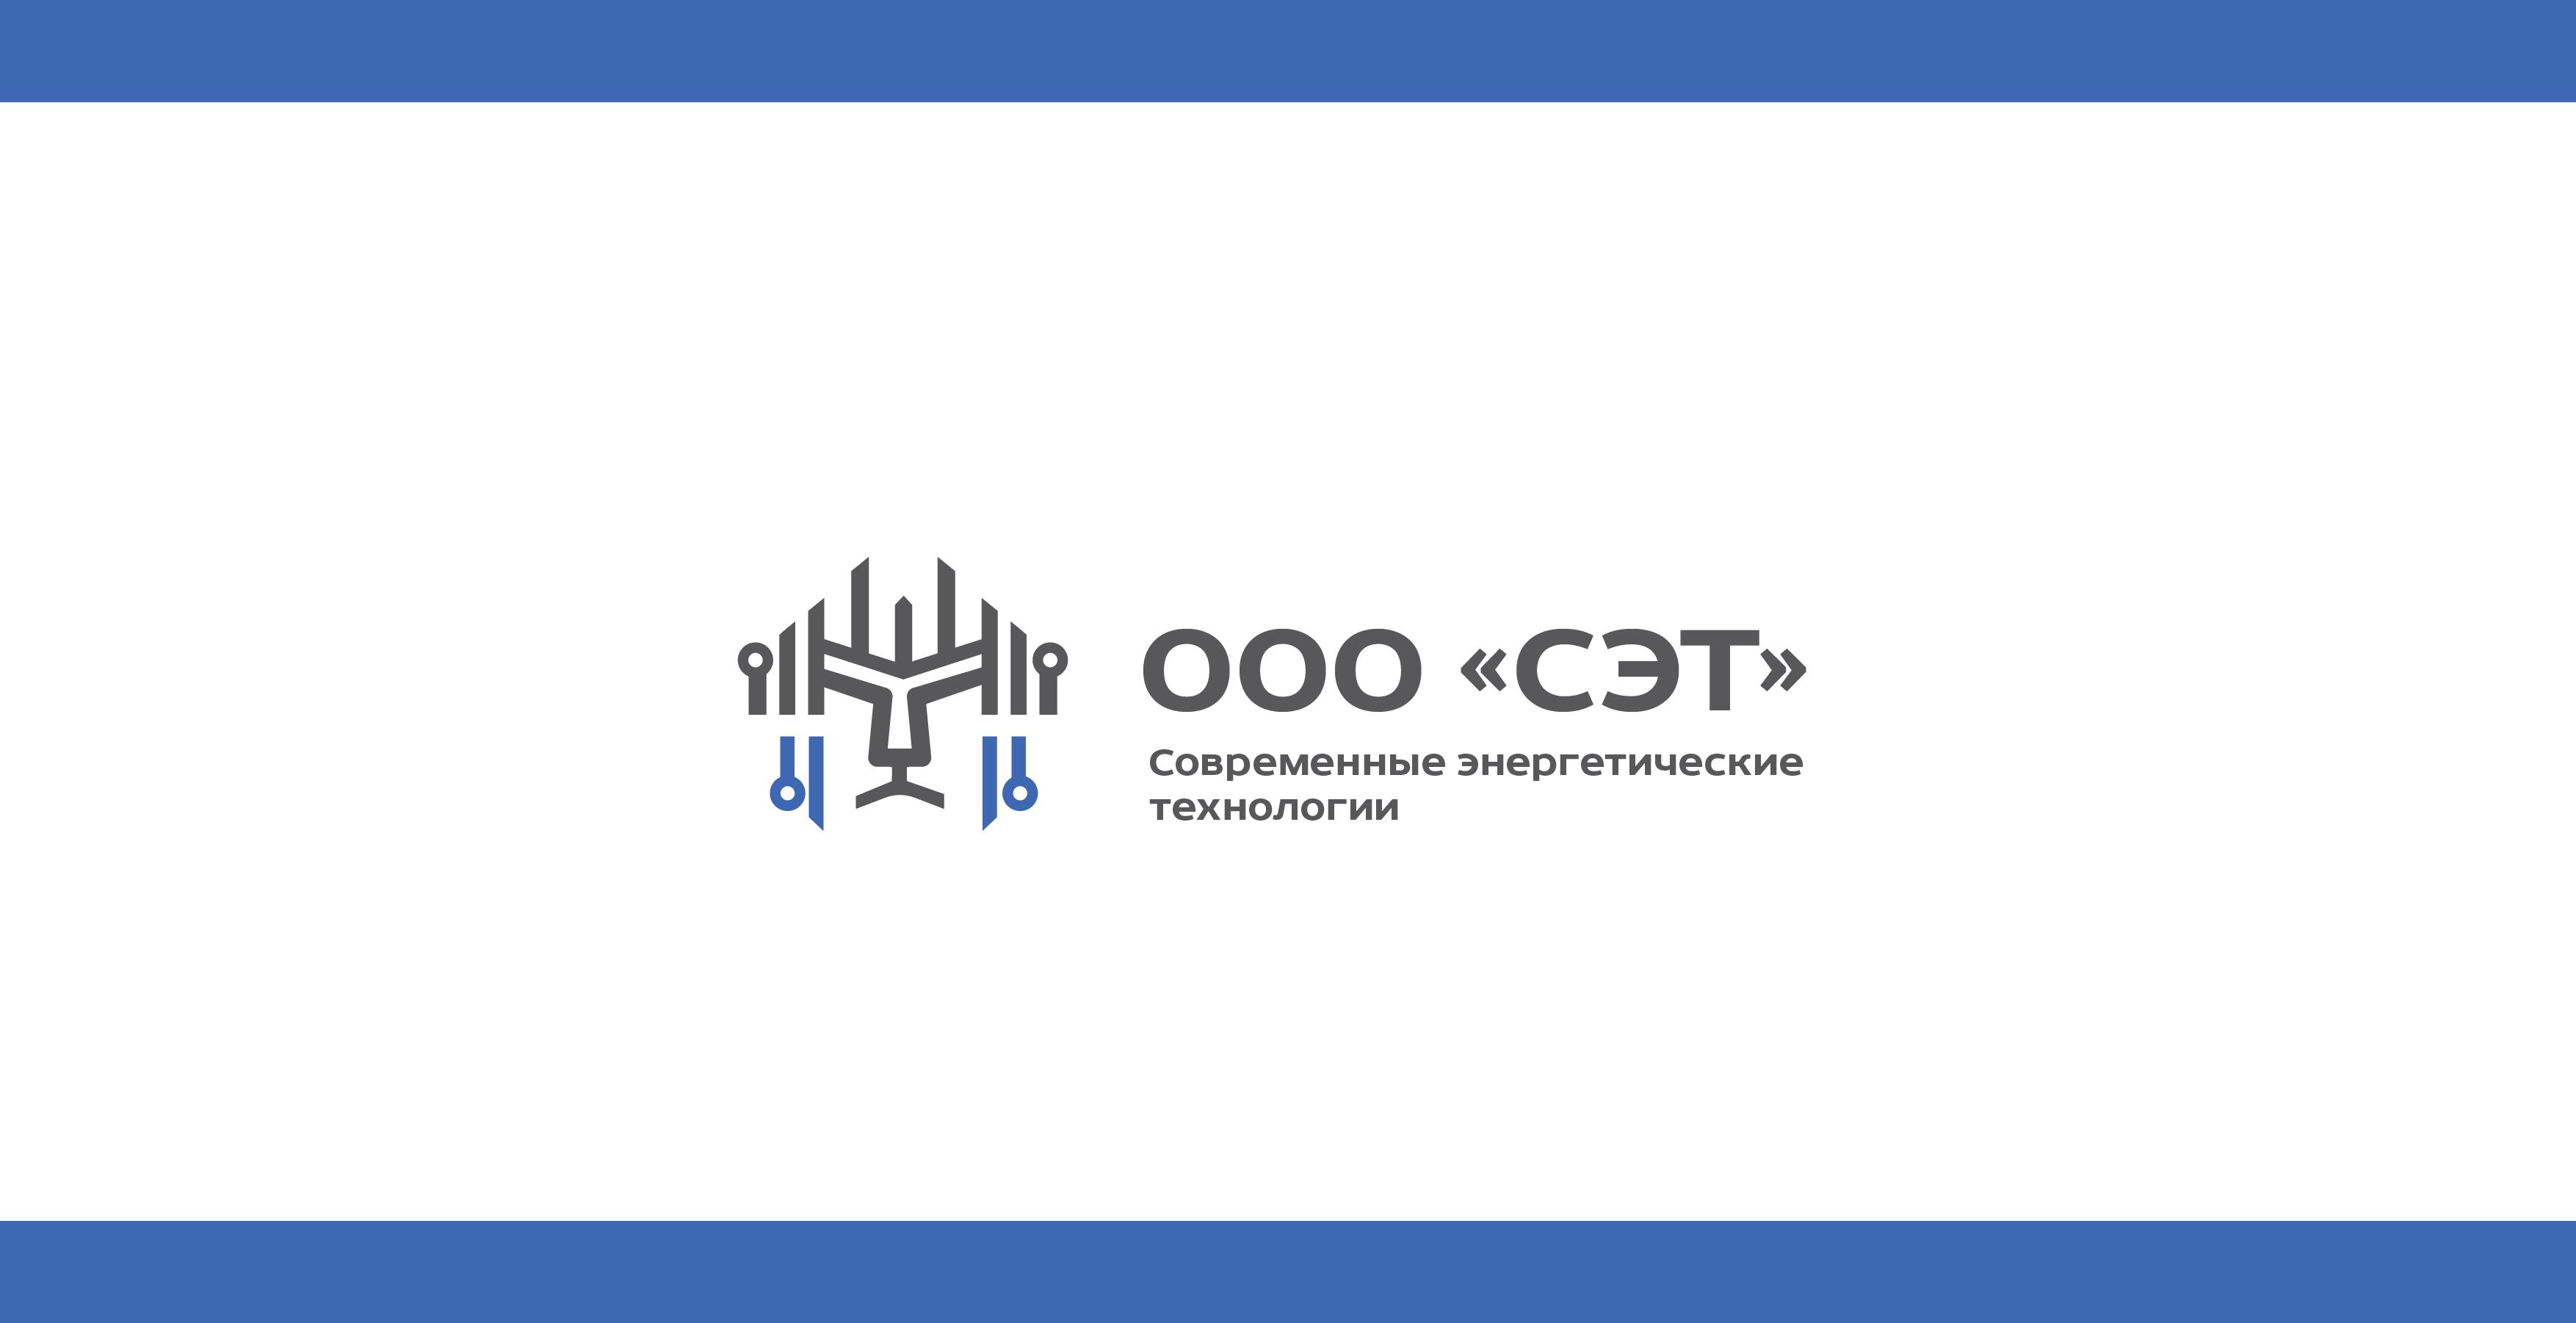 Срочно! Дизайн логотипа ООО «СЭТ» фото f_5495d4becce5c509.jpg